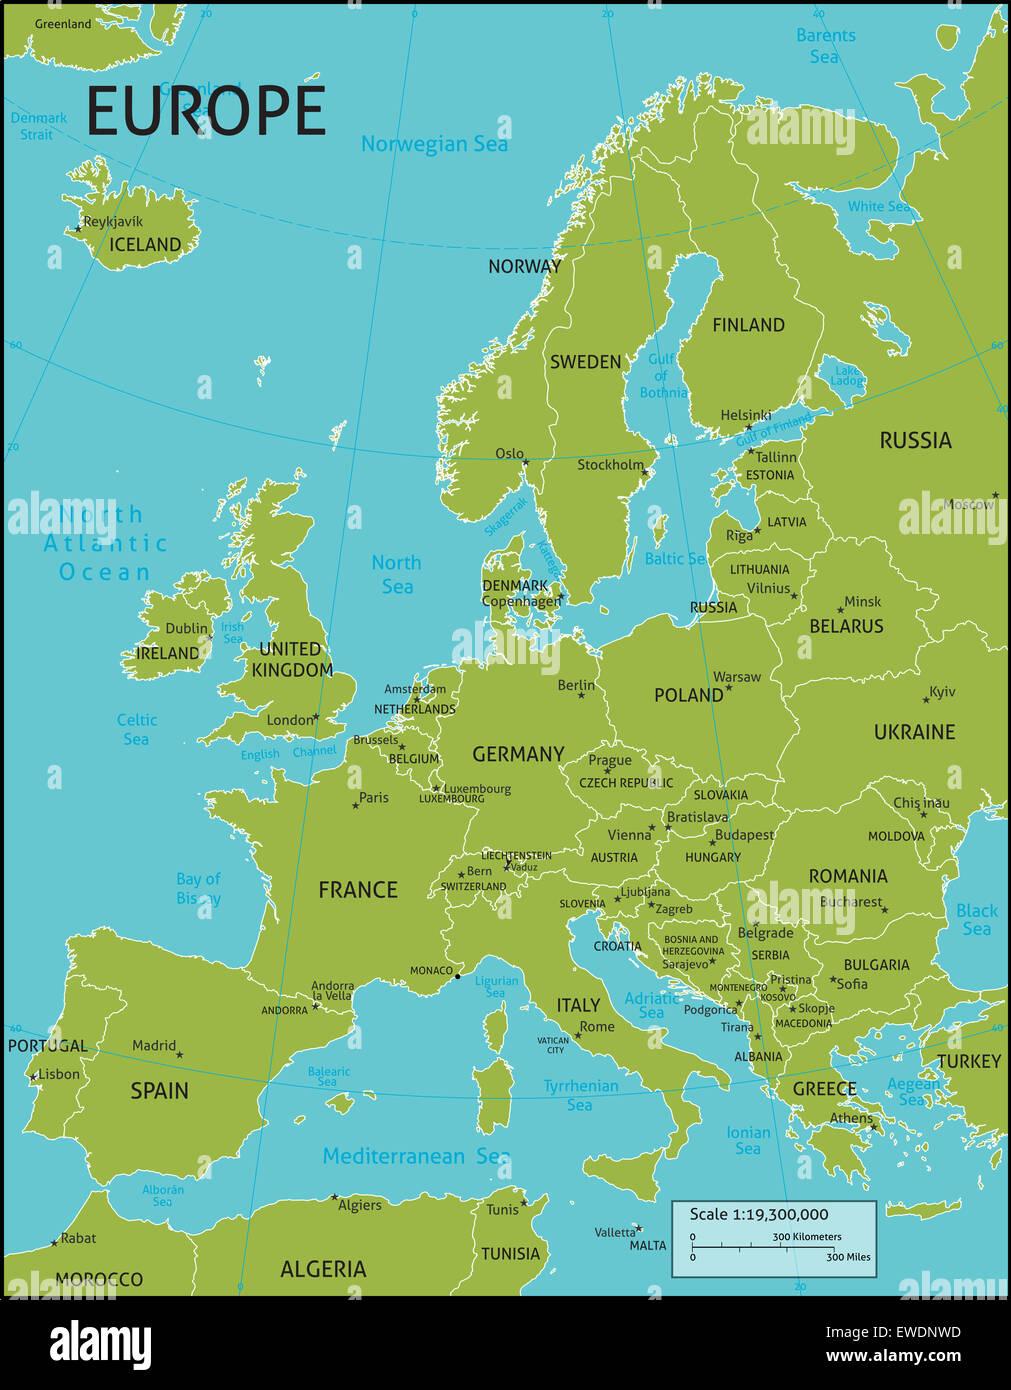 Una Mappa Di Europa Con Tutti I Nomi Dei Paesi E Il Paese Di